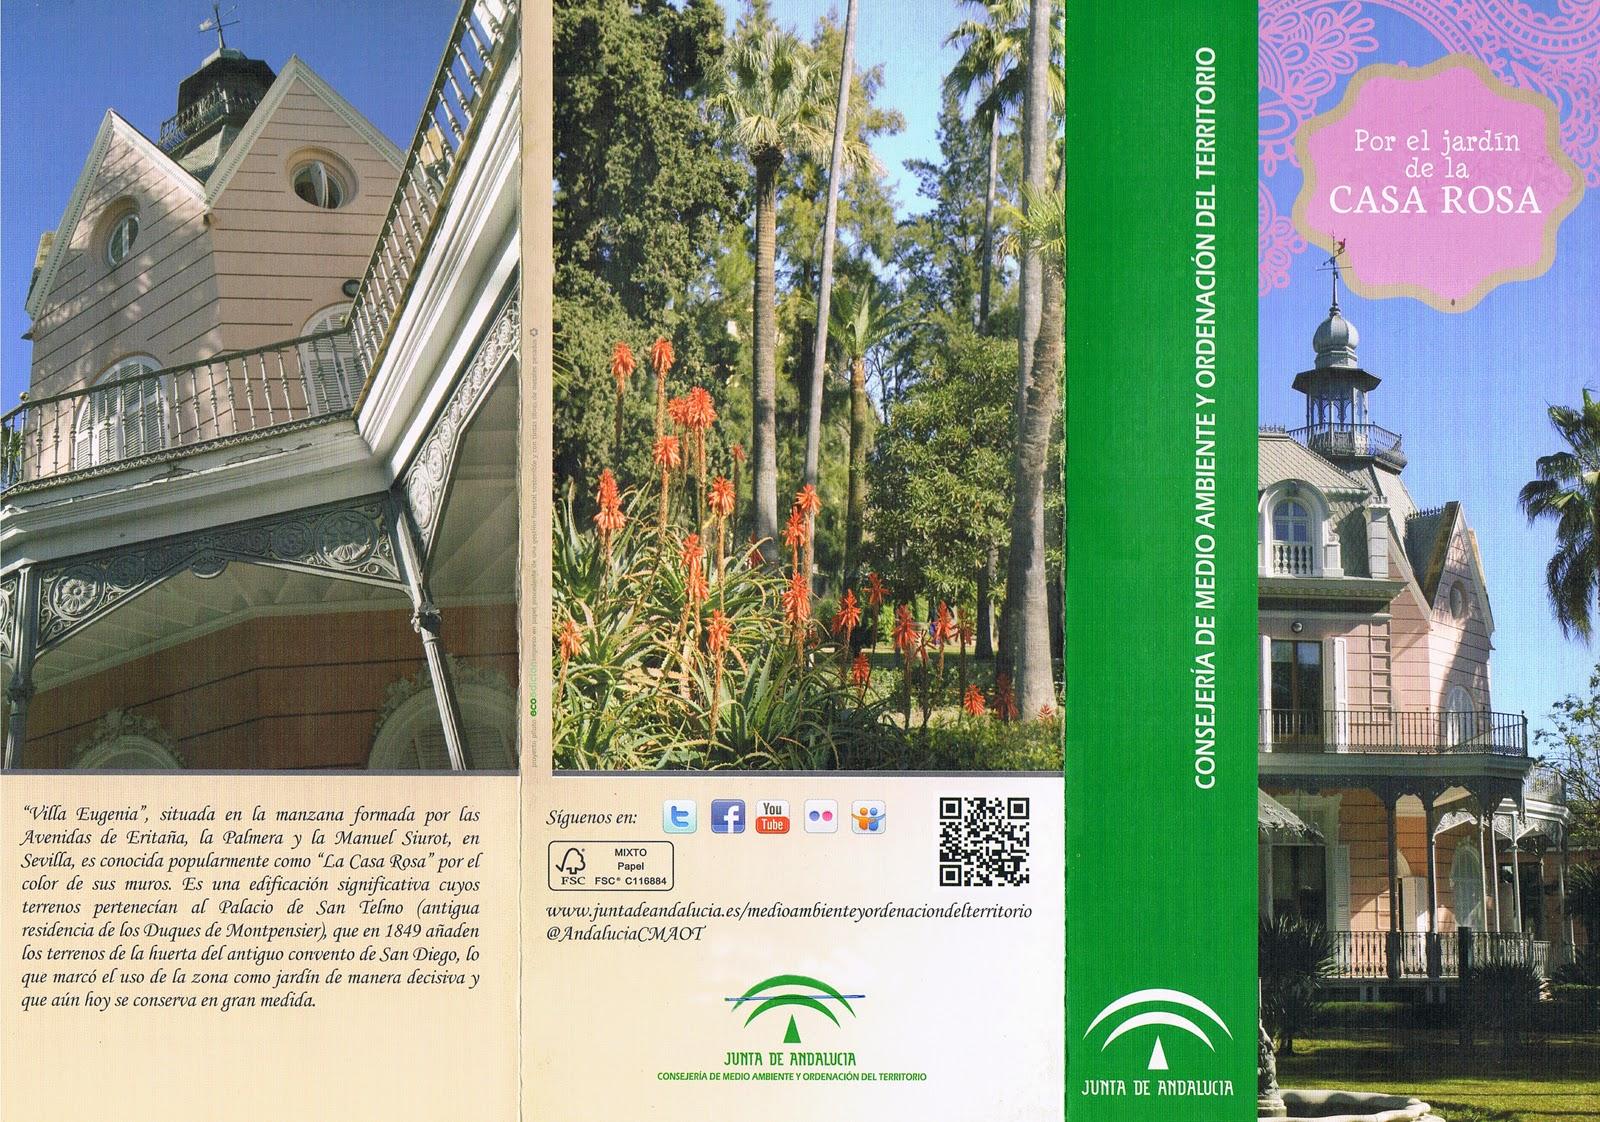 Plataforma ciudadana parques y jardines sevilla visita de for Cafres este jardin